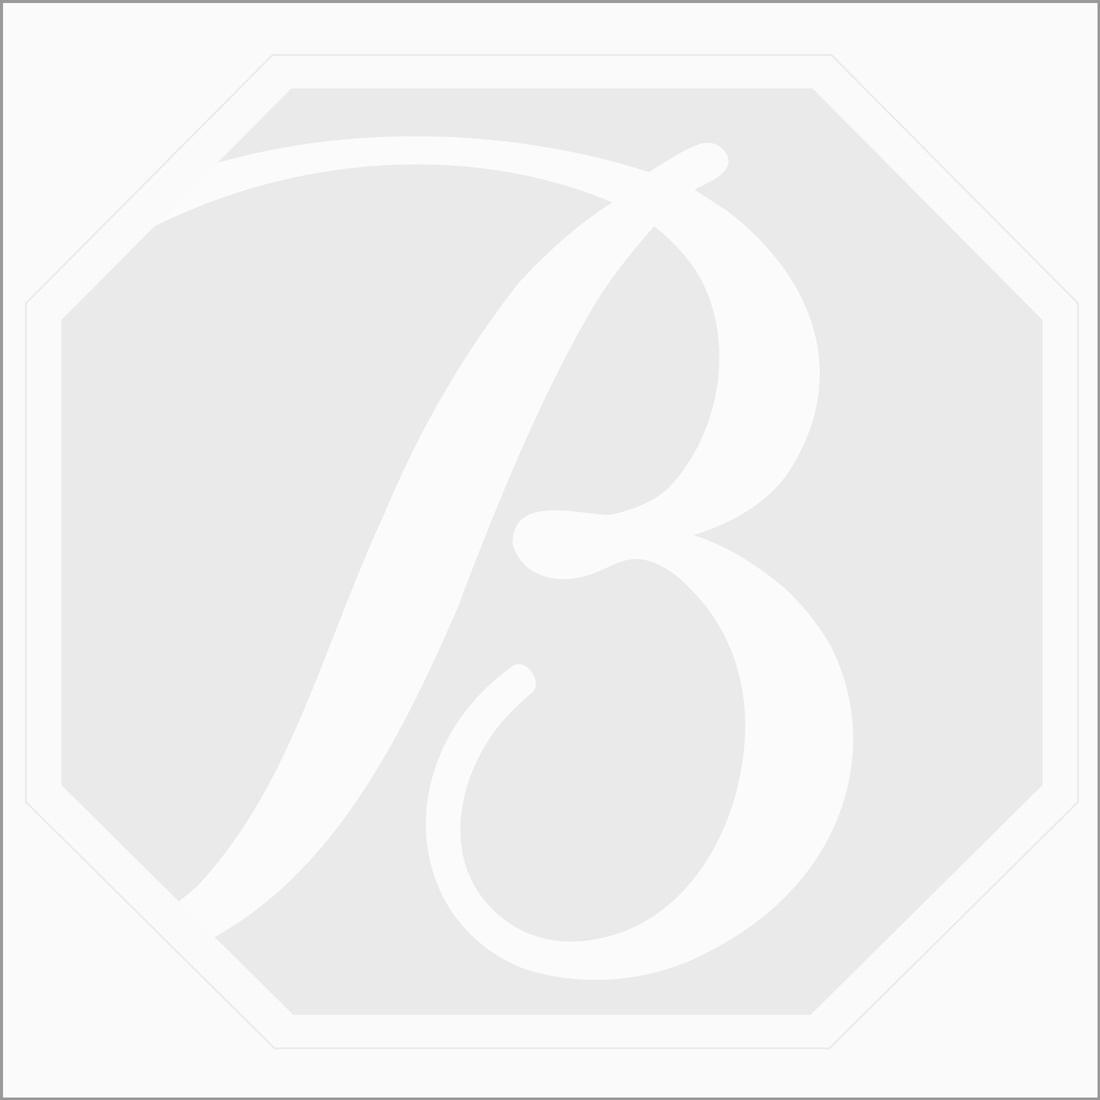 5 Pcs - 30.35 ct. - Green Tourmaline Rose Cut -15.7 x 13 x 2.9 mm to 18.5 x 12.7 x 3.5 mm (TRC1105)